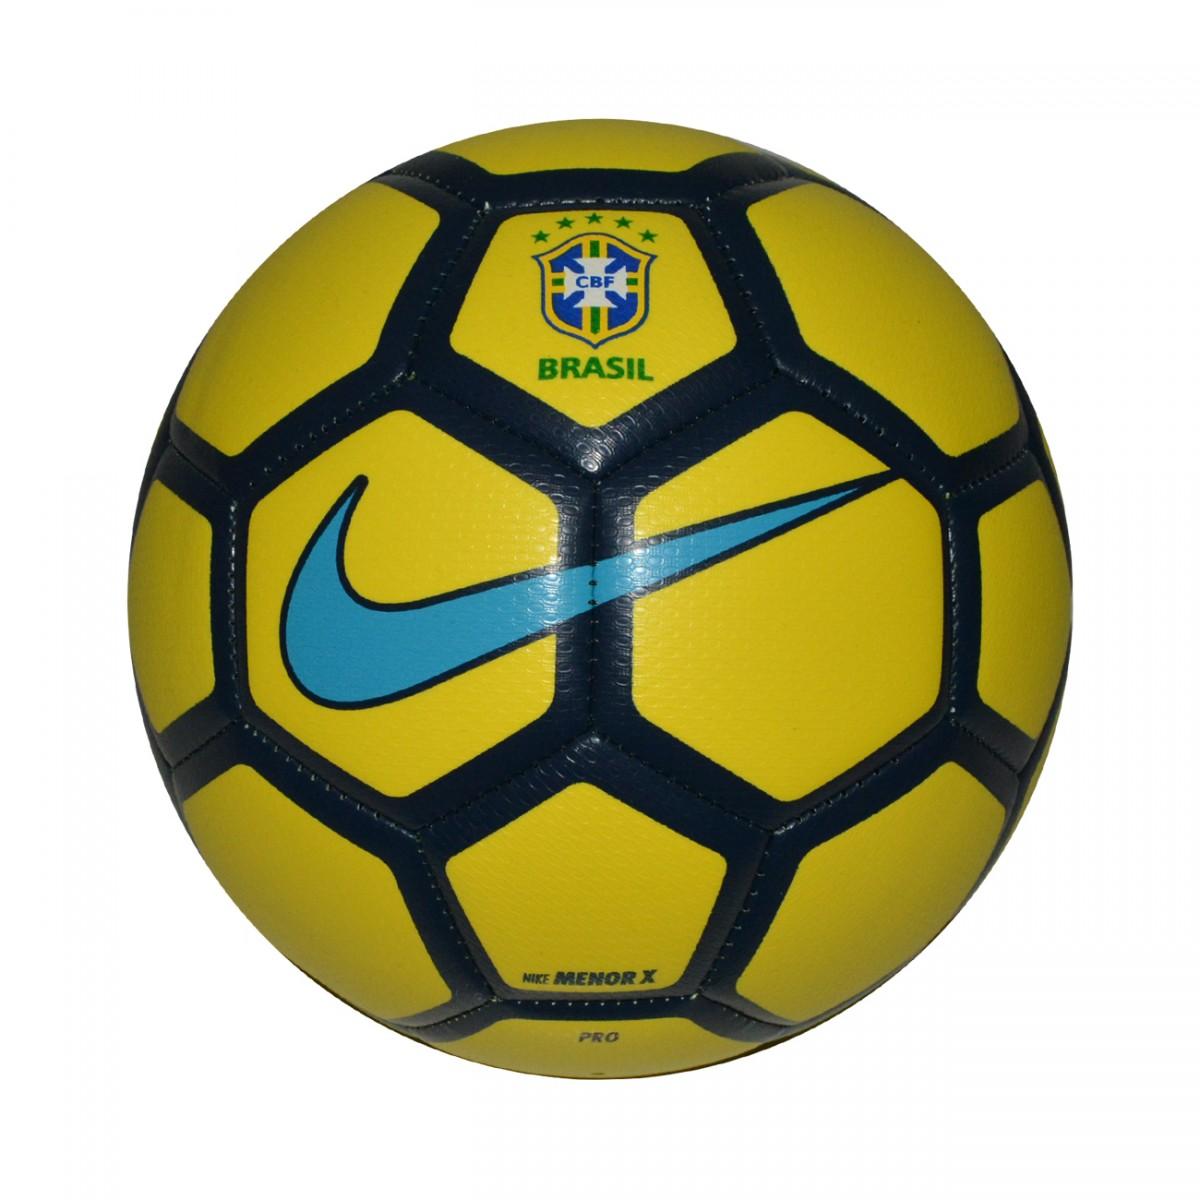 Bola Nike CBF Menor X Futsal SC3081 722 - Amarelo - Chuteira Nike ... da14dd0eb13d6